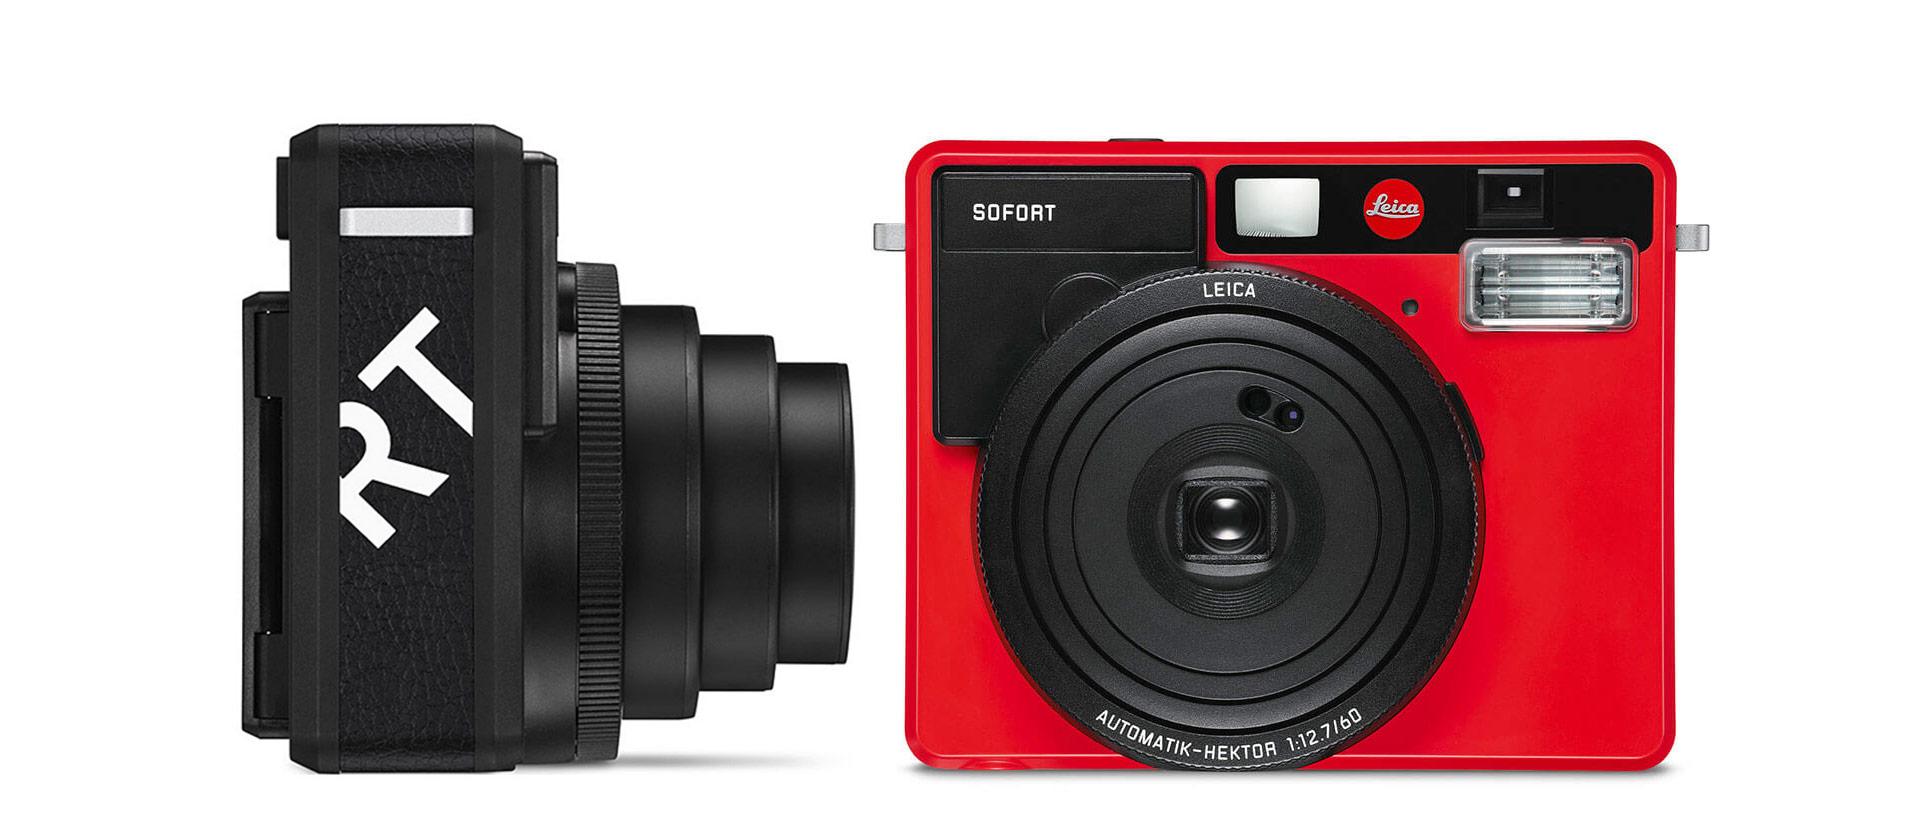 Meister Camera Leica Sofort